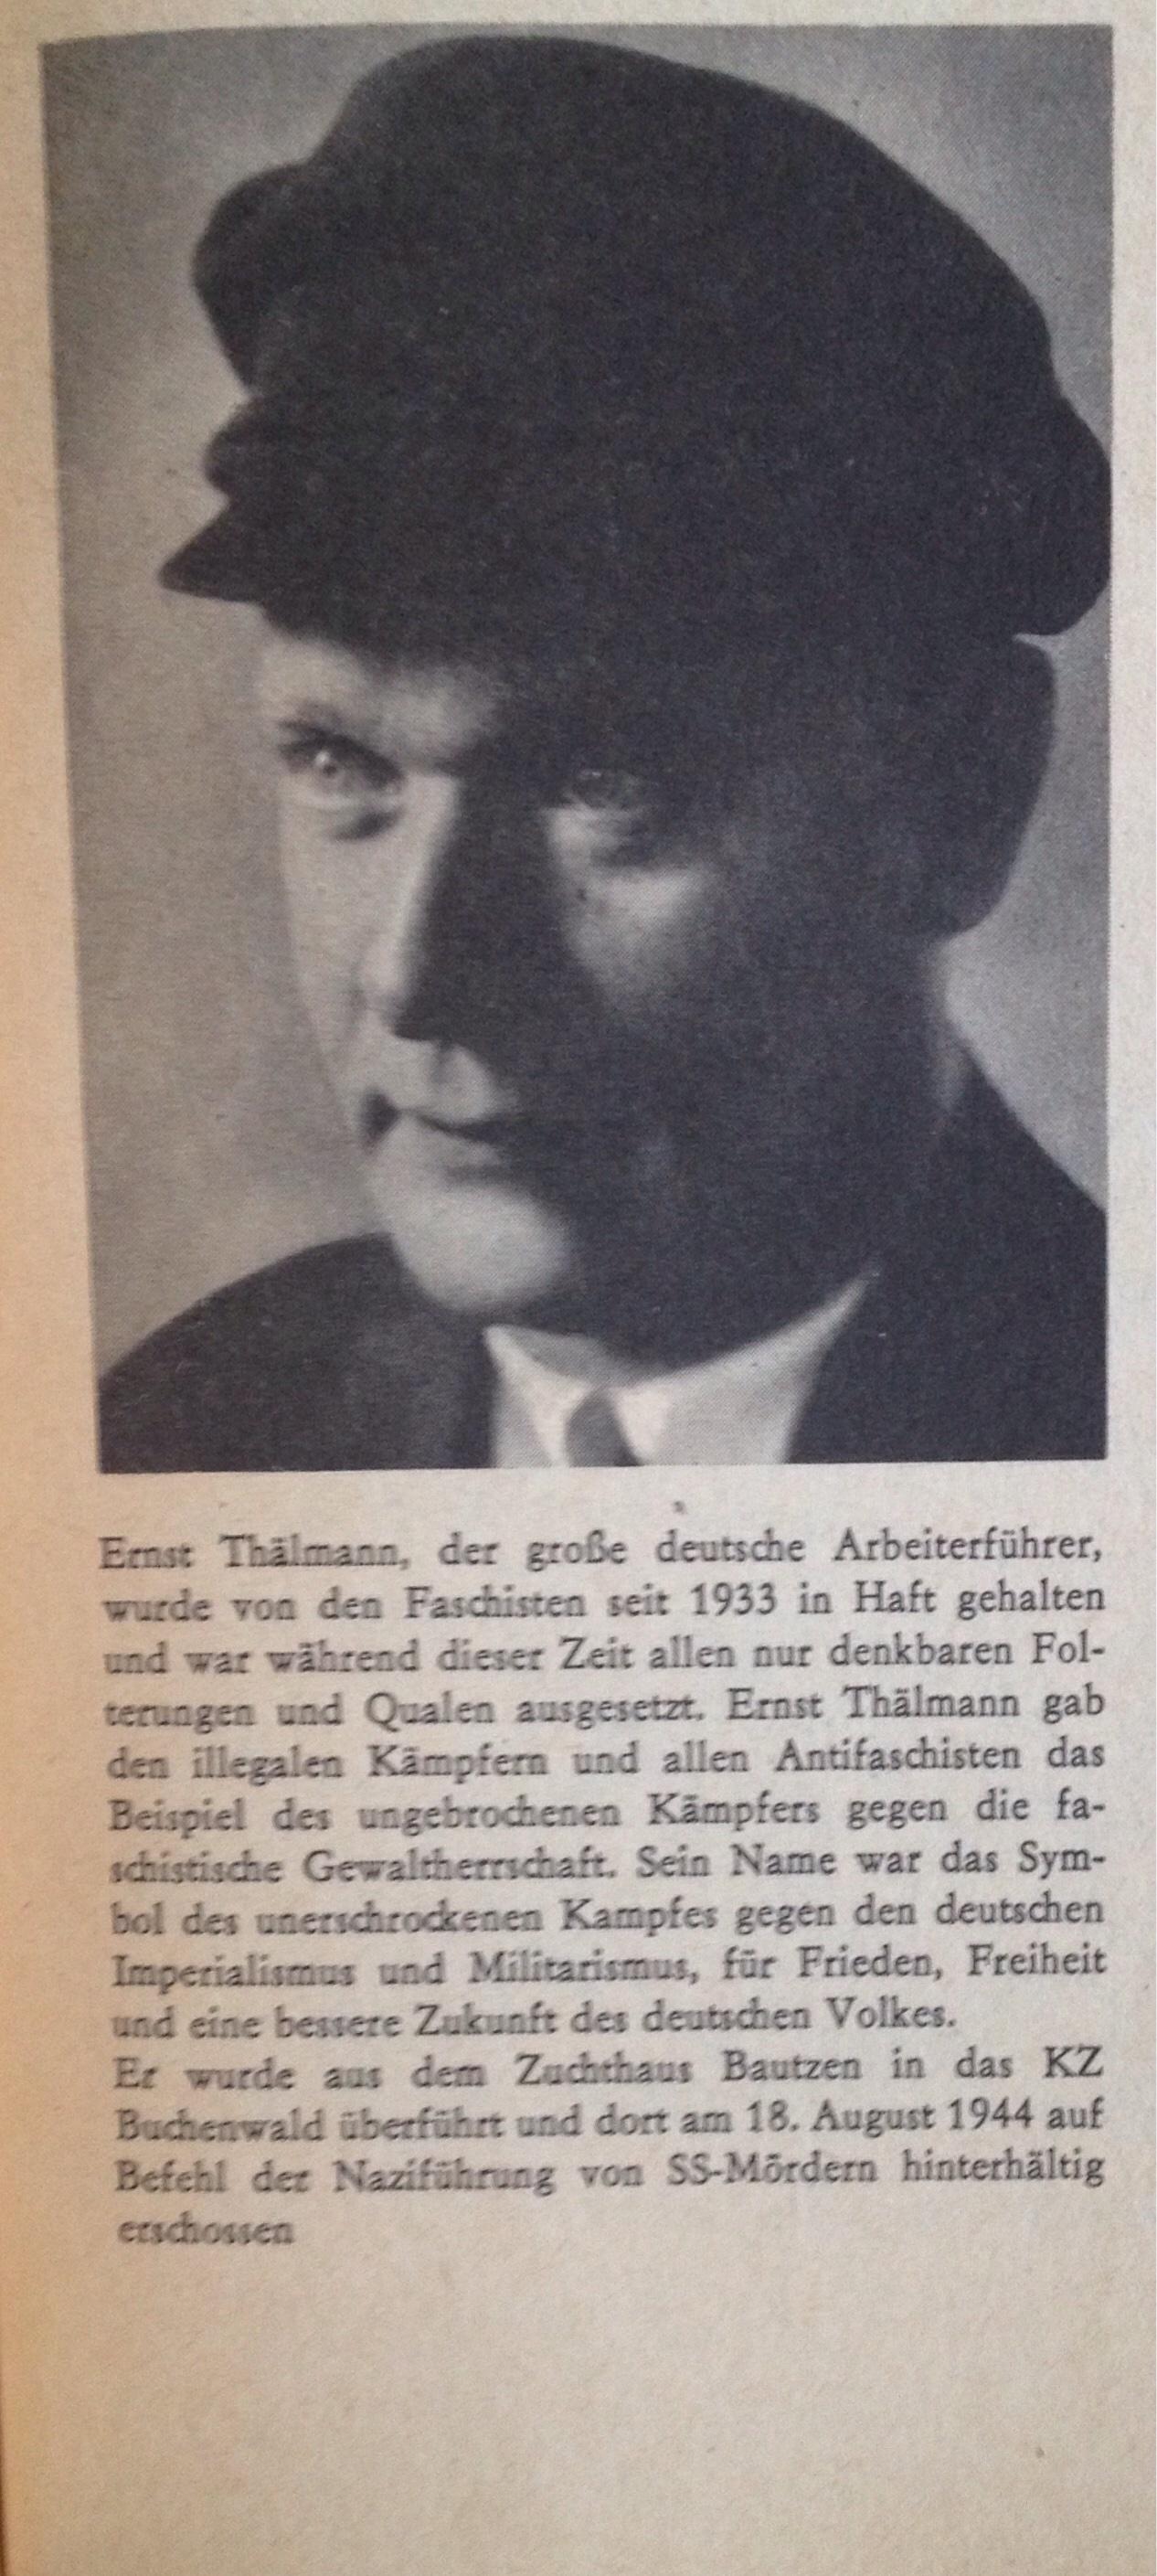 Kurzbeschreibung Ernst Thälmann